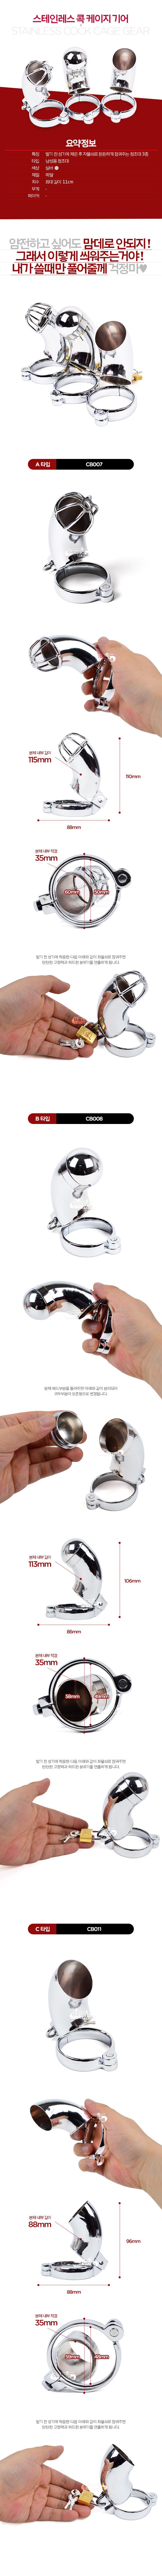 [남성 정조대] 스테인레스 콕 케이지 기어(Stainless Cock Cage Gear)